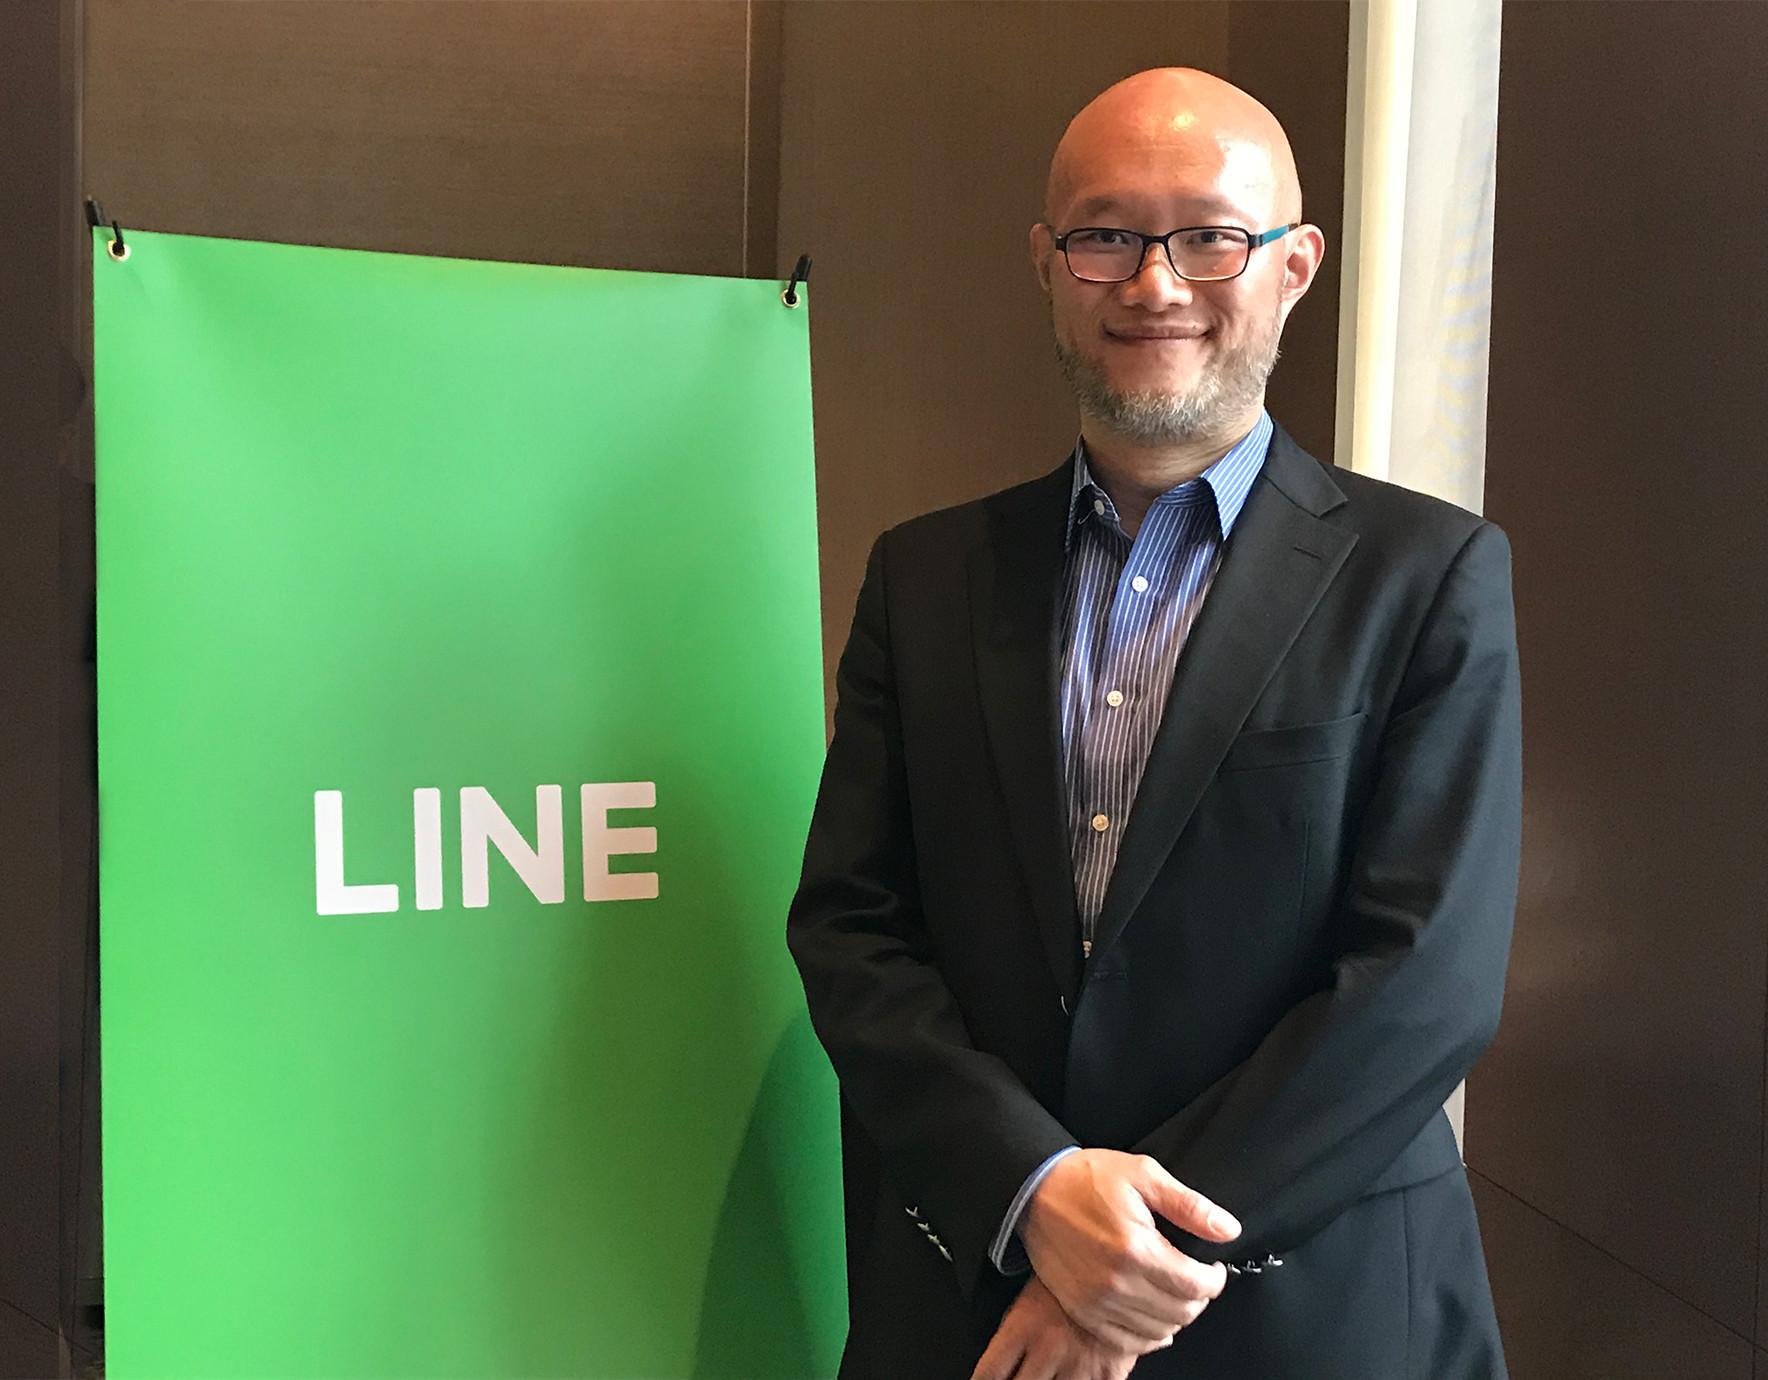 擁1800萬用戶,LINE做3件事衝下一波成長